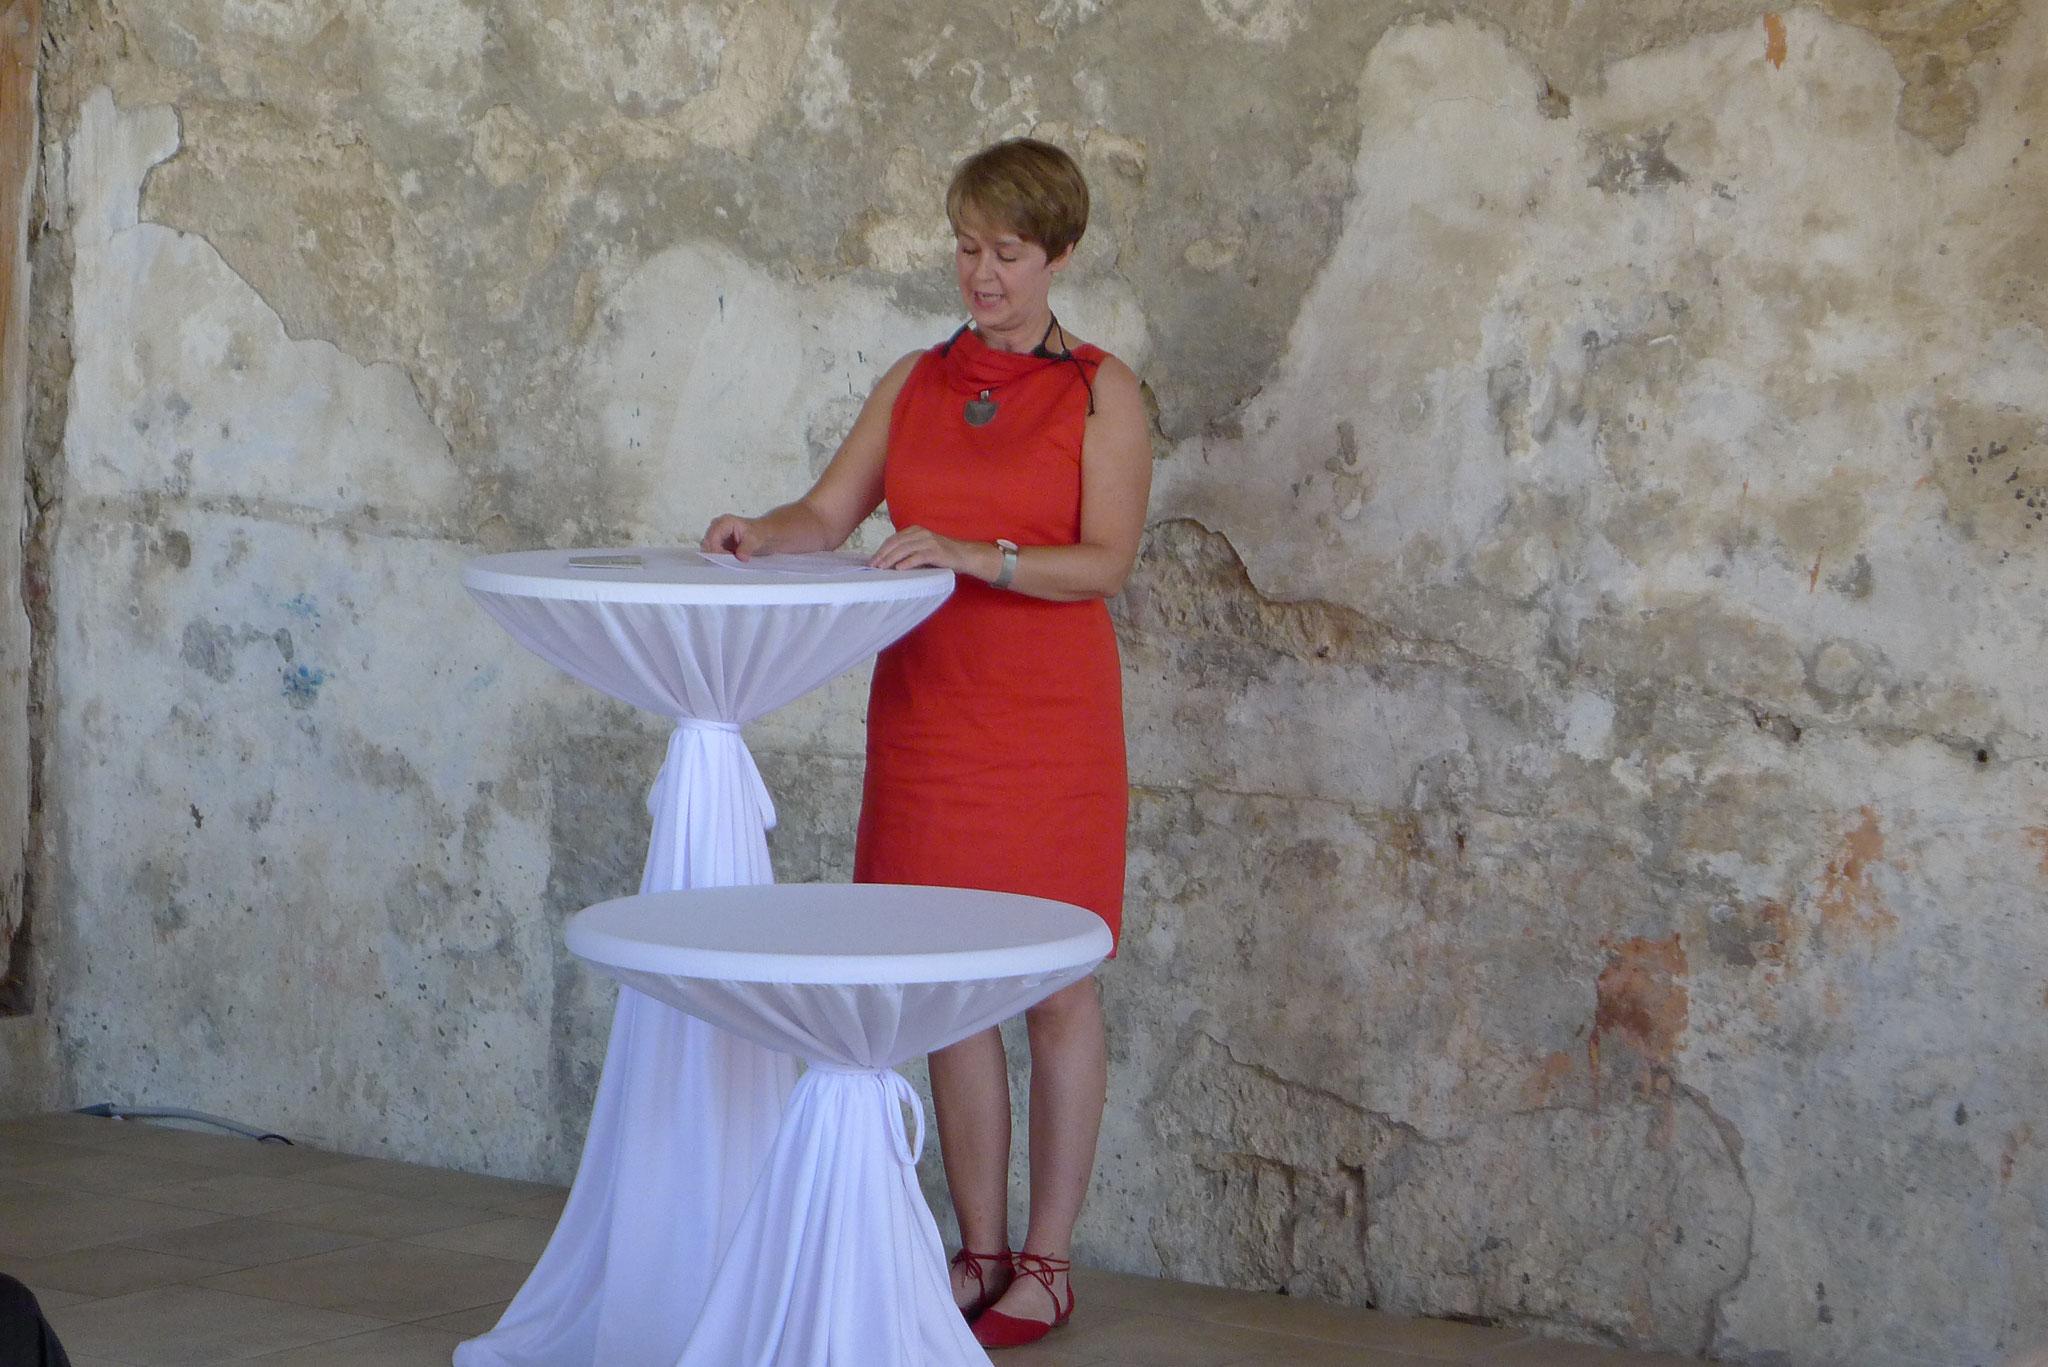 Kunstgeschichtlerin Frau Claudia Scheller-Schach bei Ihrer Rede zum Werk von Gerda Bier.